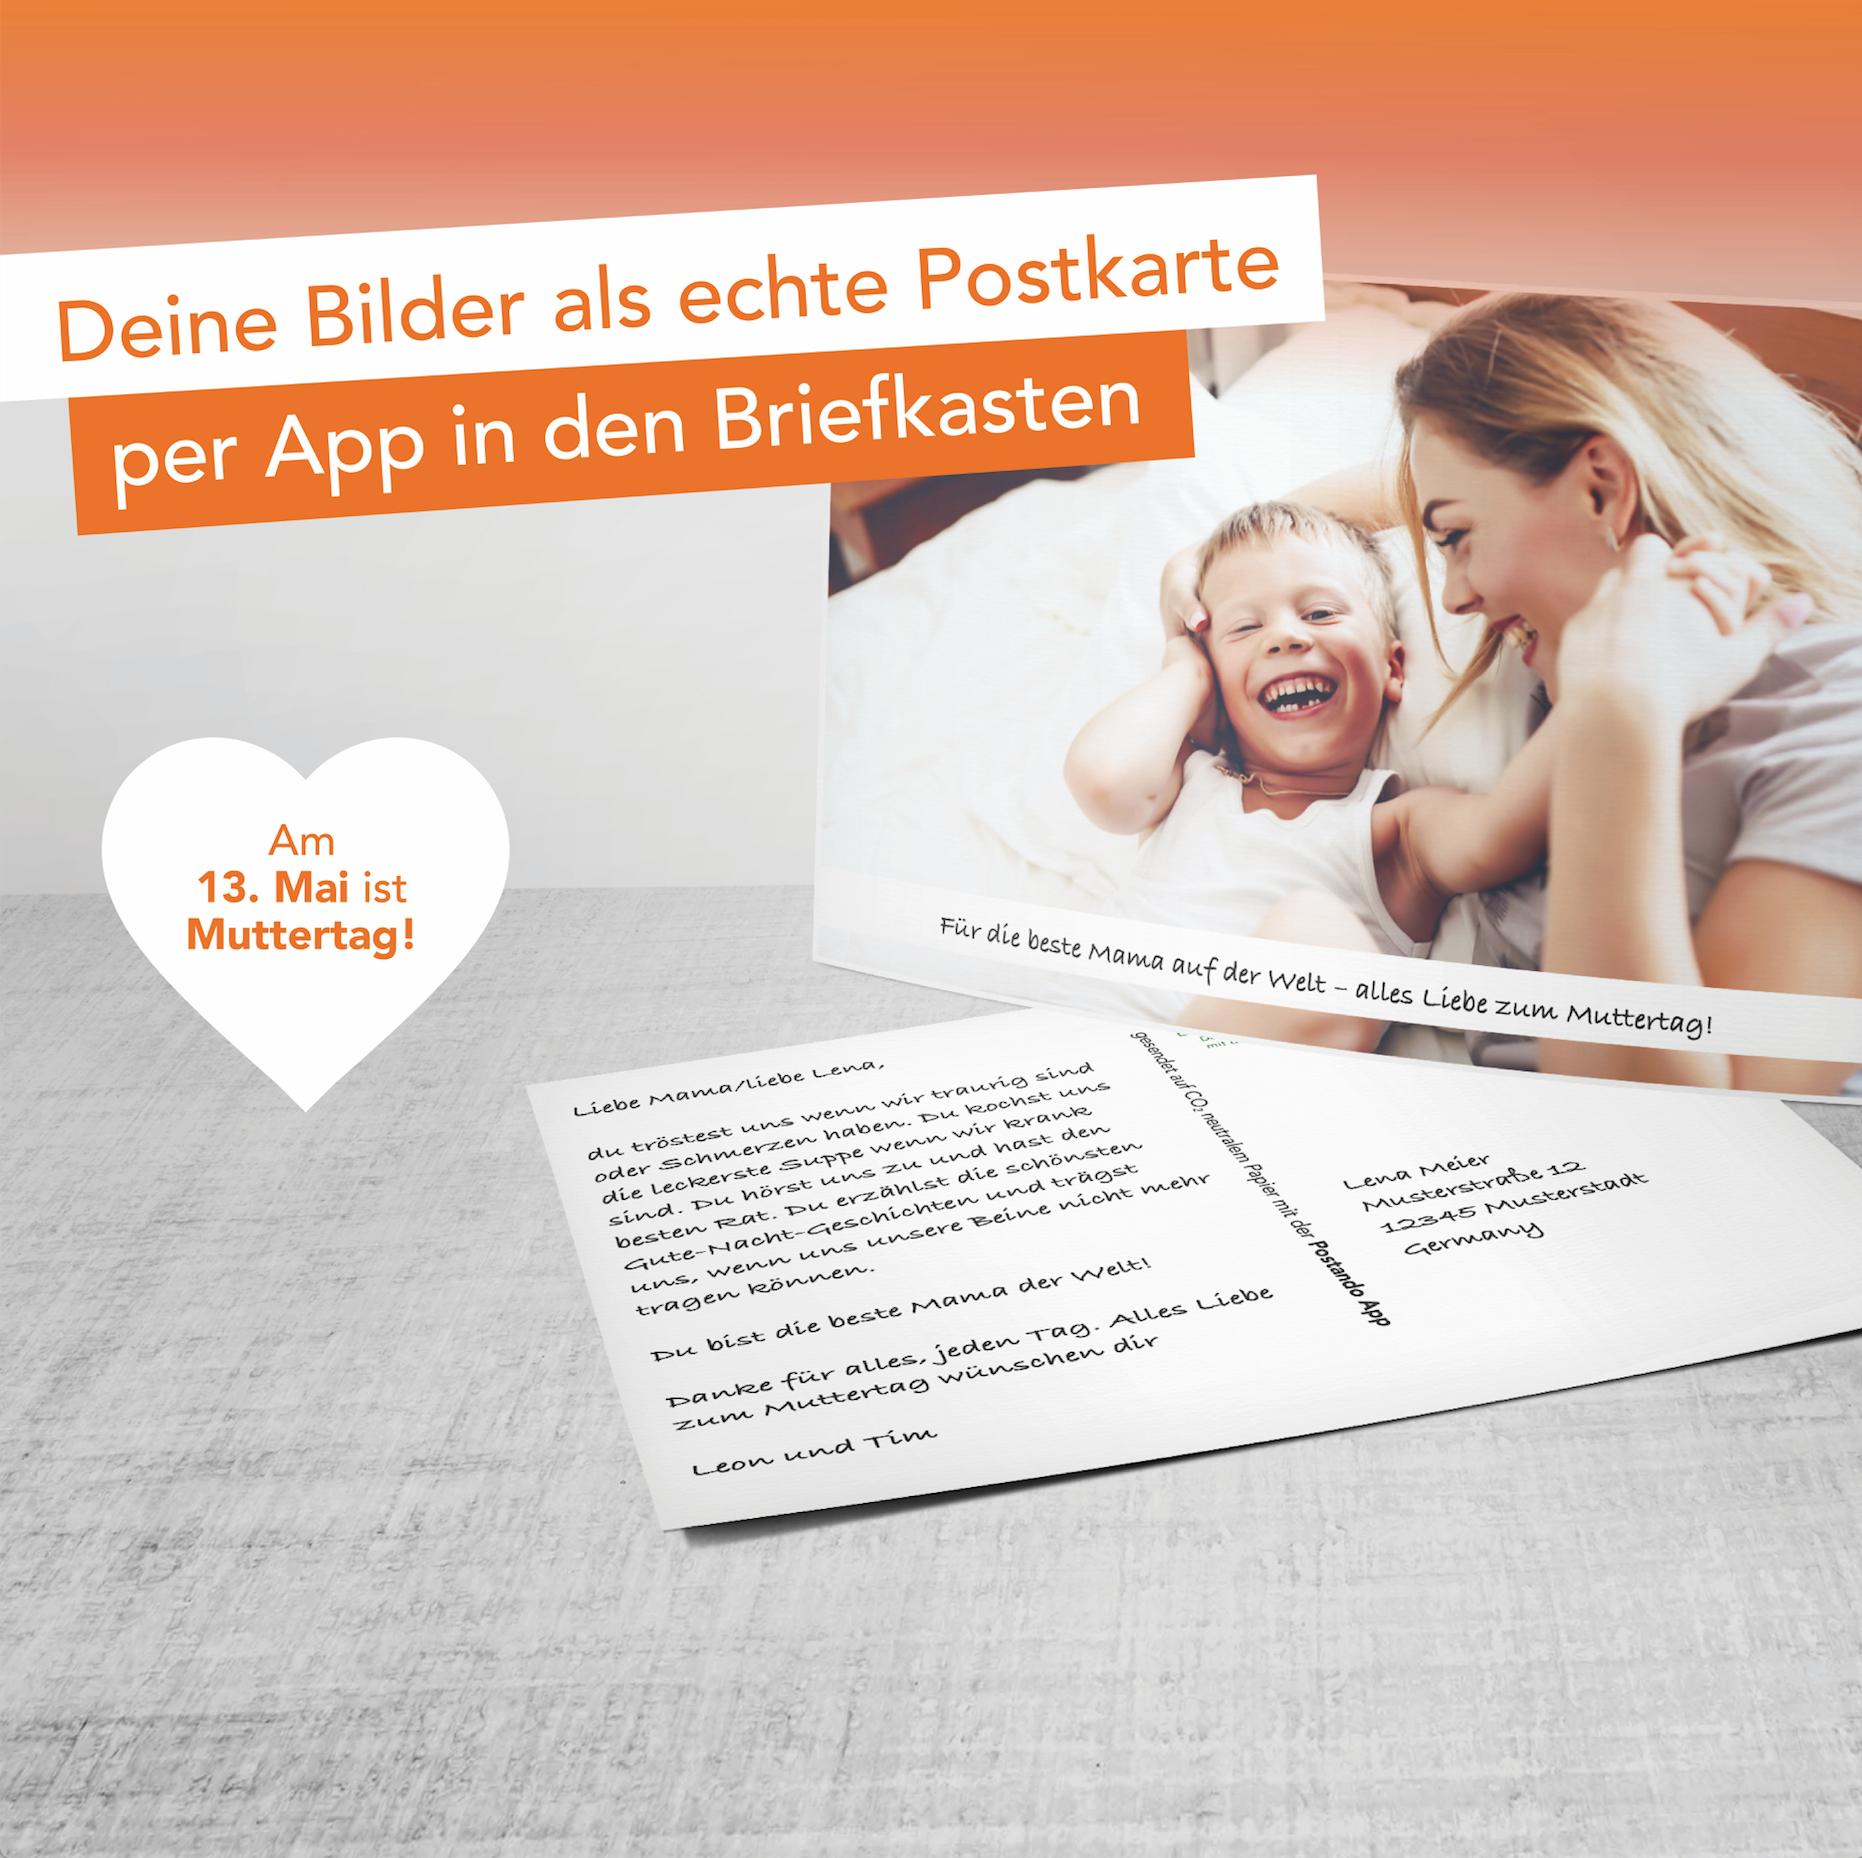 [Postando Android & IOS] Muttertagsaktion - Kostenlos eigene Fotos als Postkarte verschicken